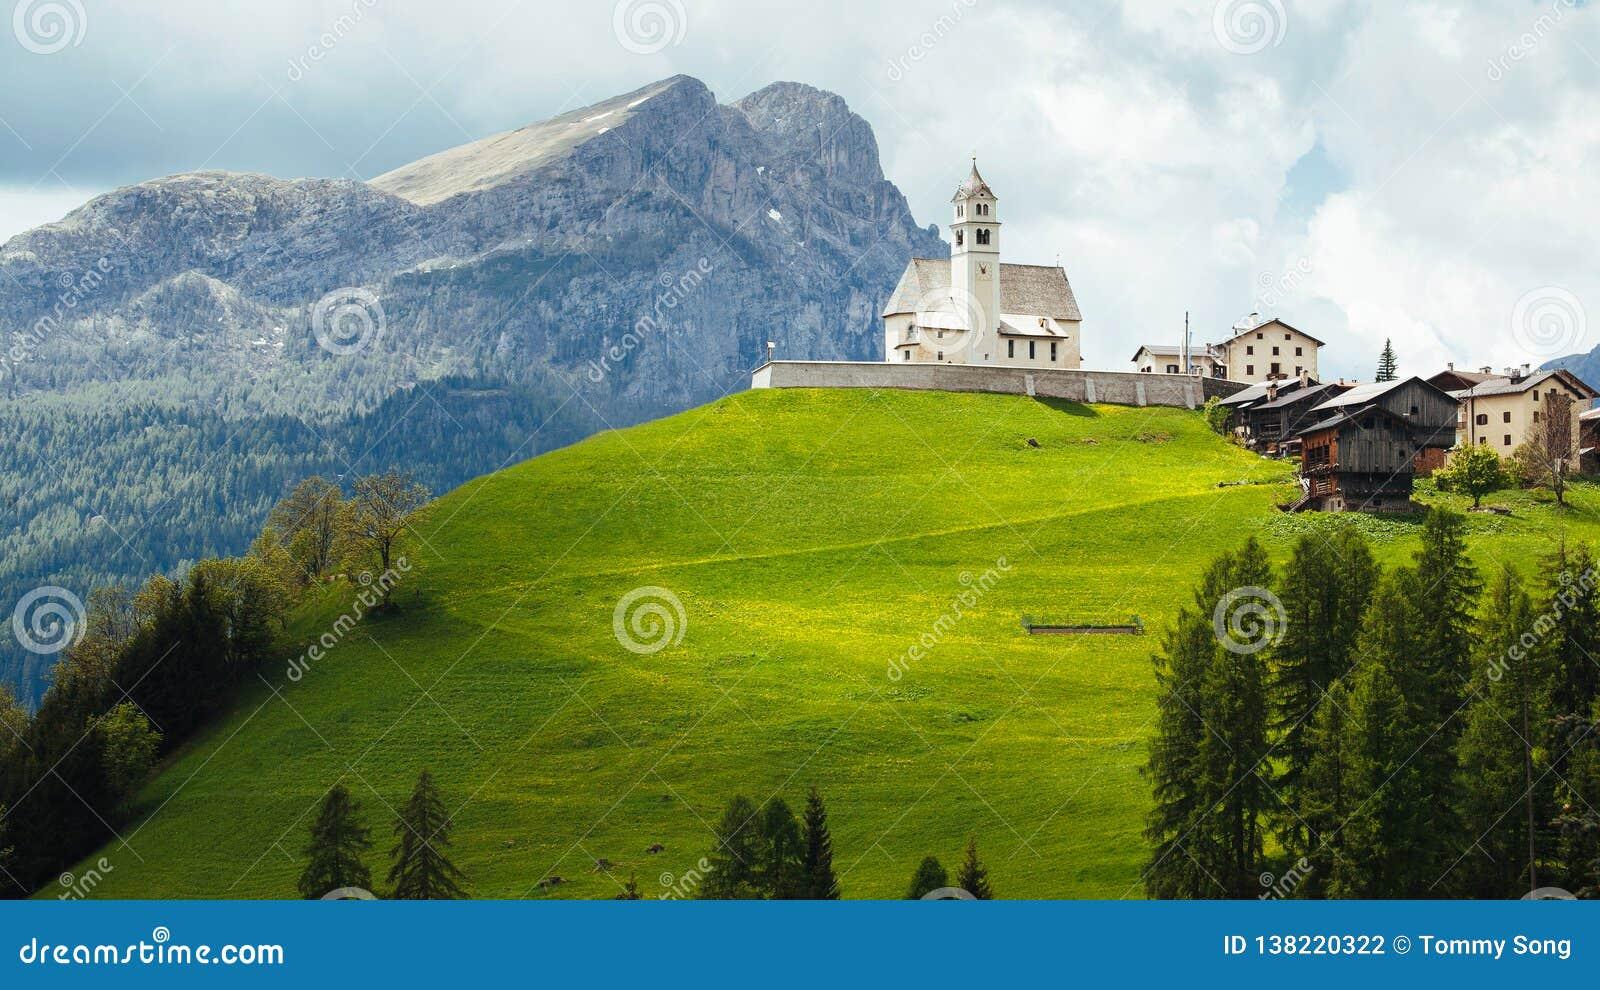 Kościół w Włoskich dolomitach